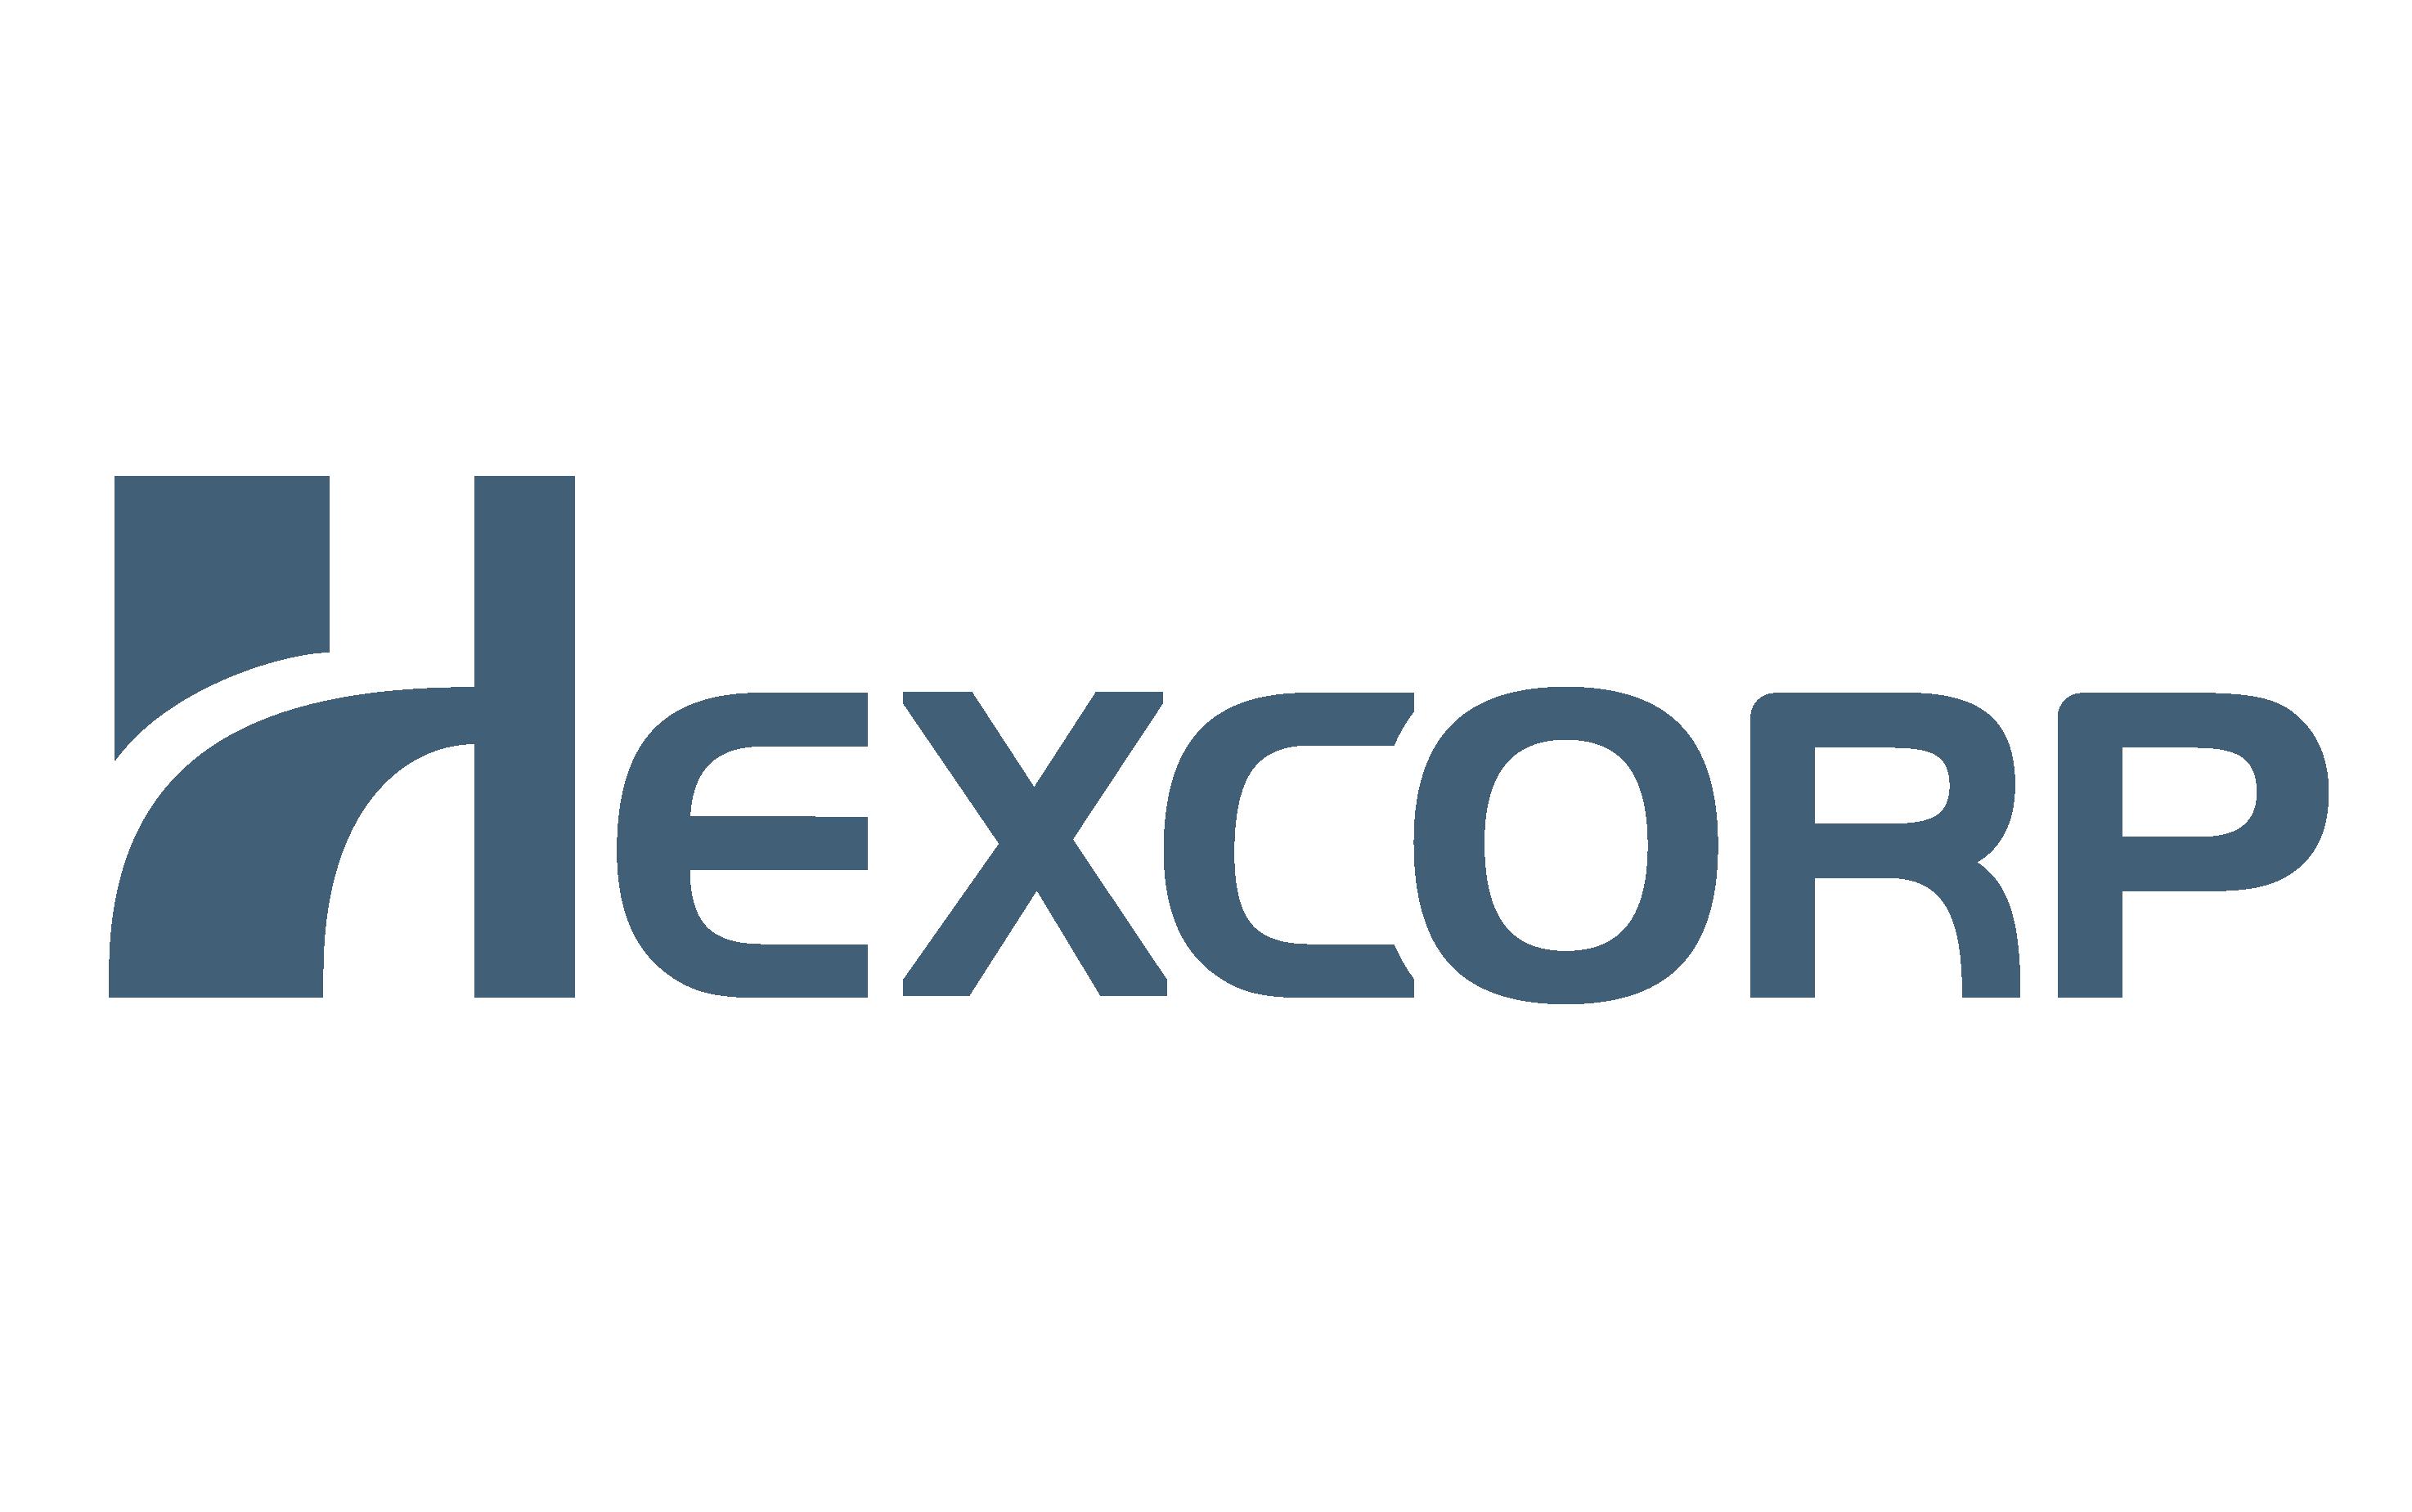 Hexcorp